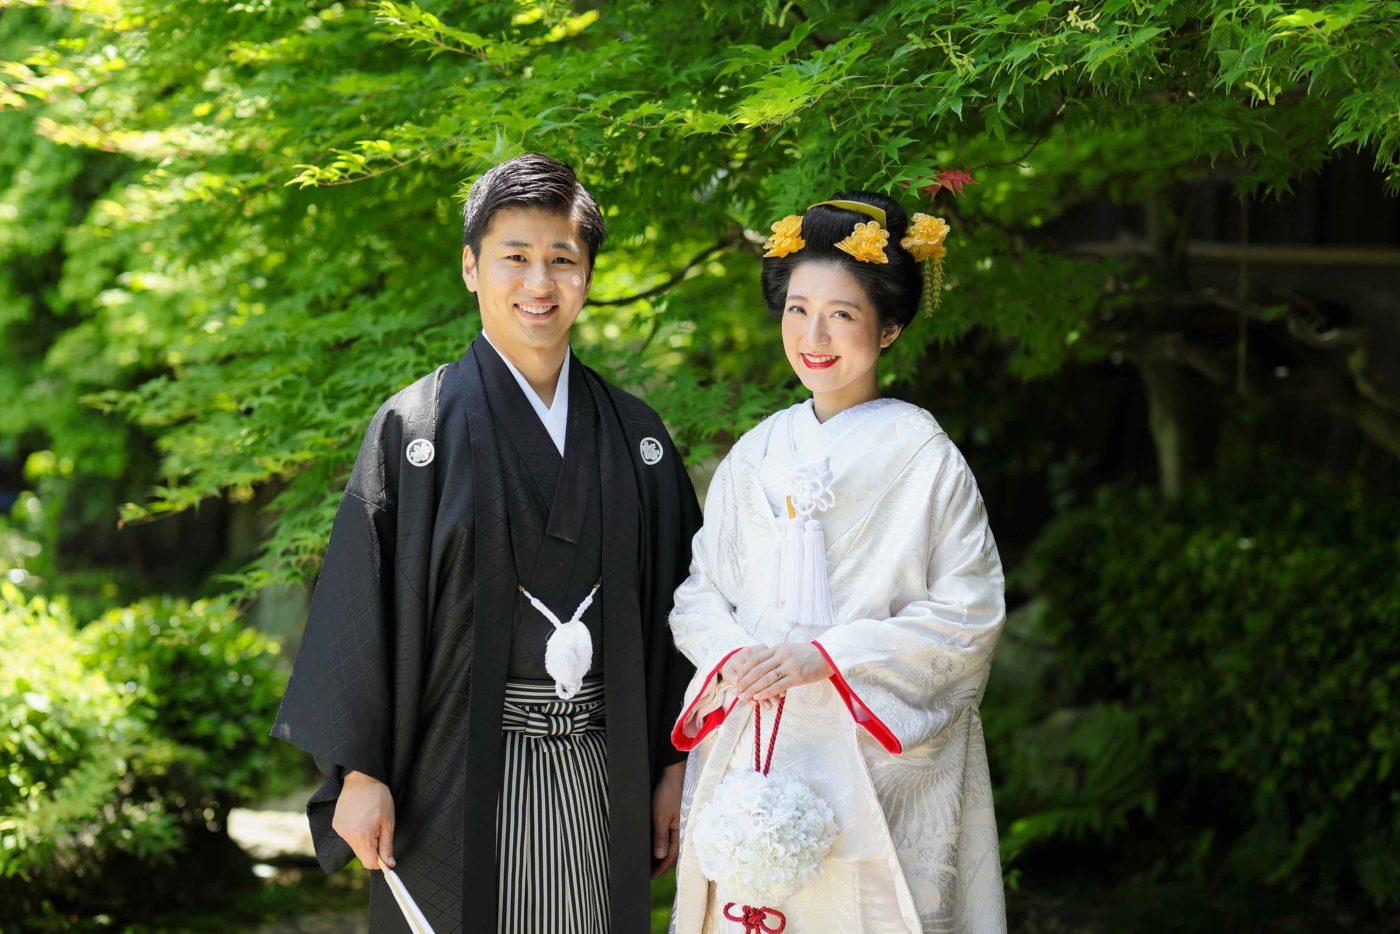 新緑をバックに新日本髪の花嫁様と新郎様